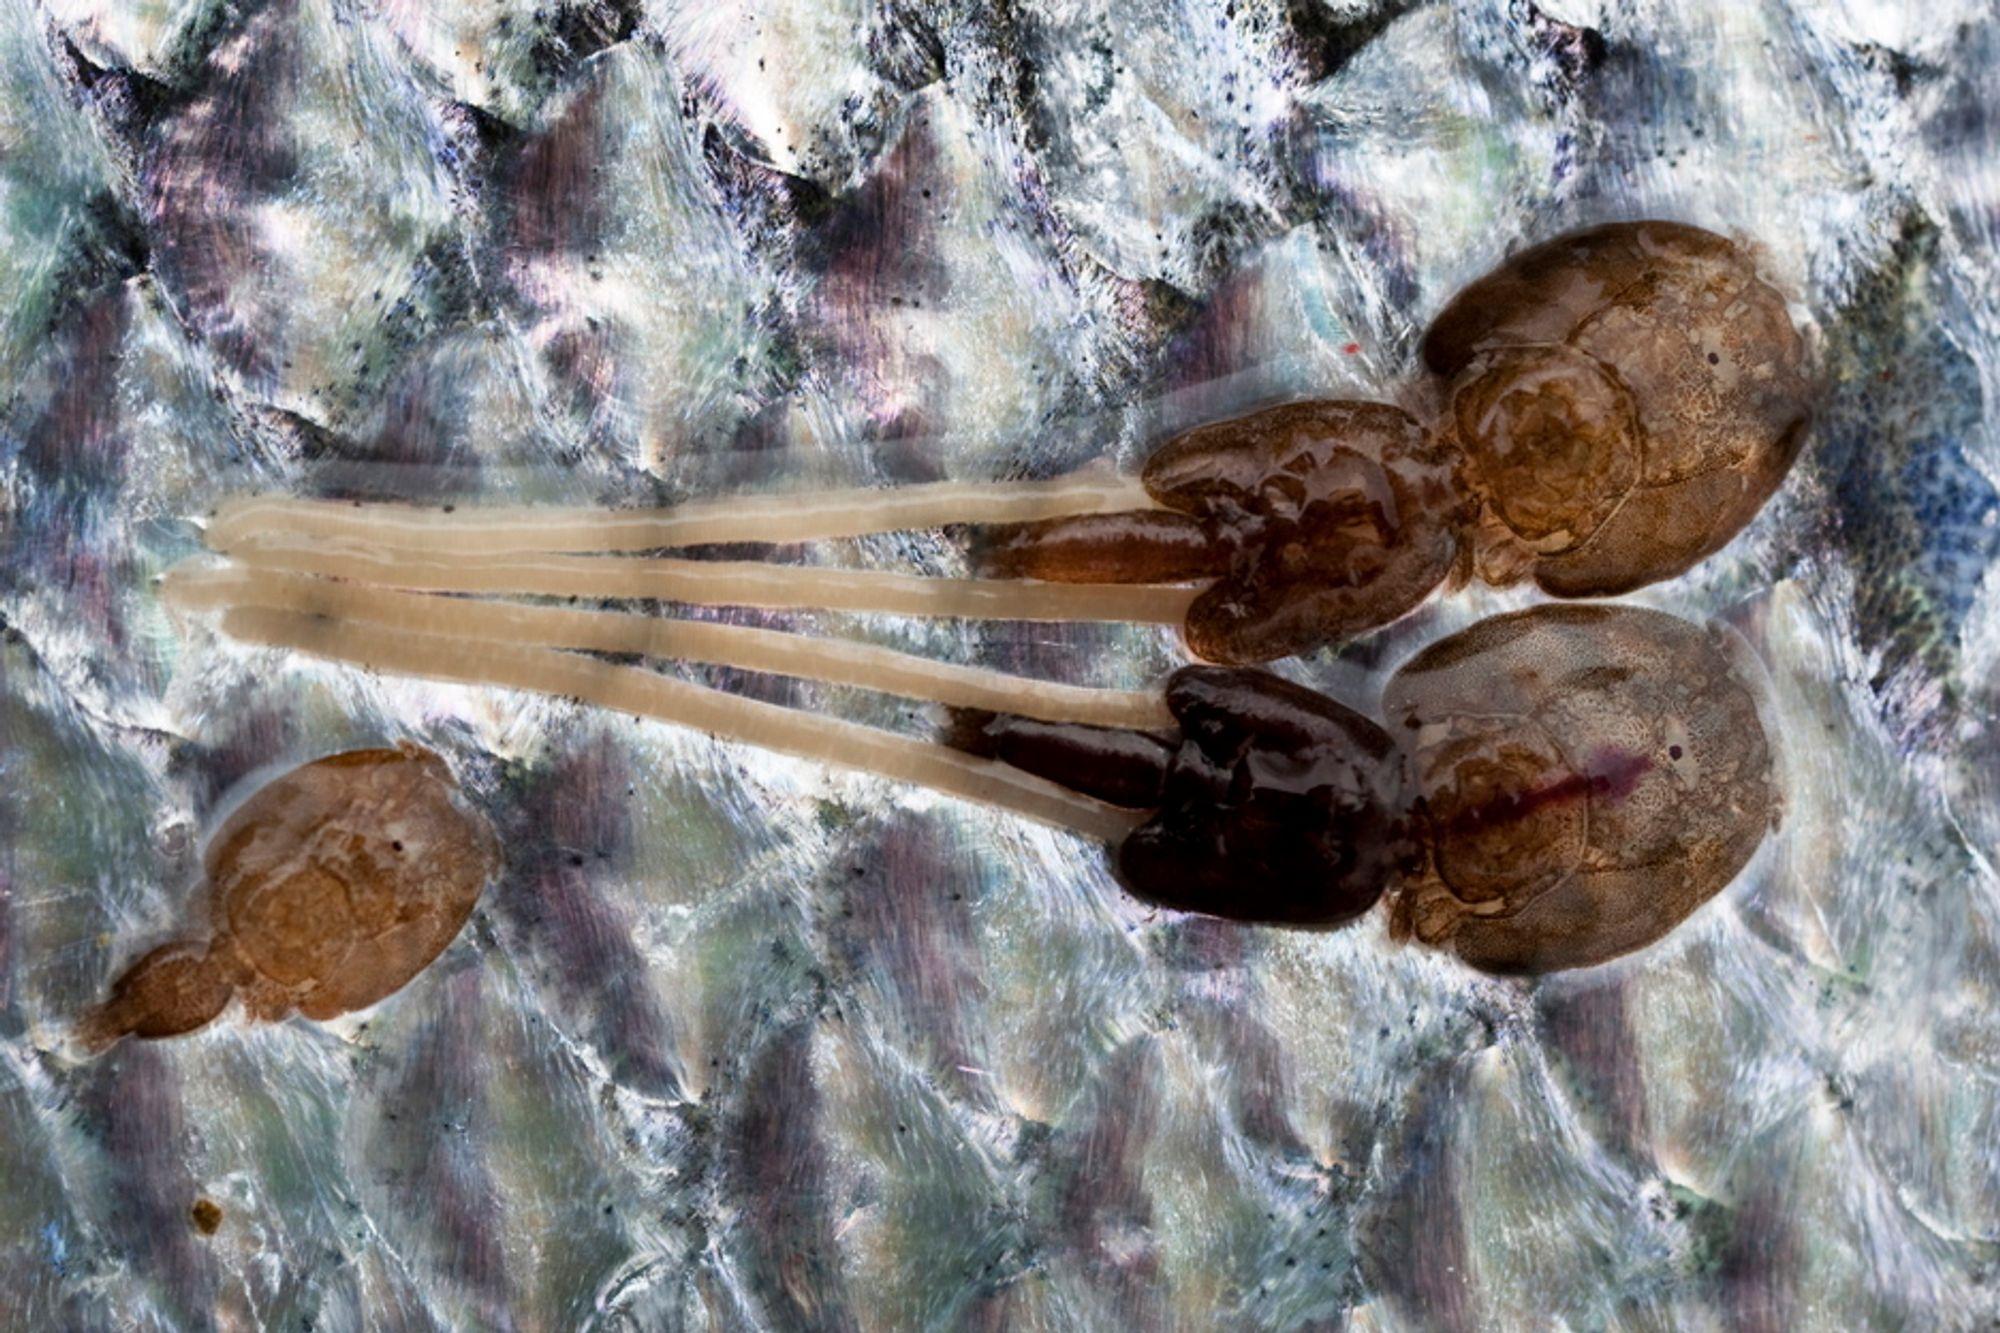 PARASITT: Lakselus (Lepeophtheirus salmonis) er en art i gruppen hoppekreps. Den lever som marin parasitt på laksefisker. Den lever av slimet, huden og blodet til fisken.